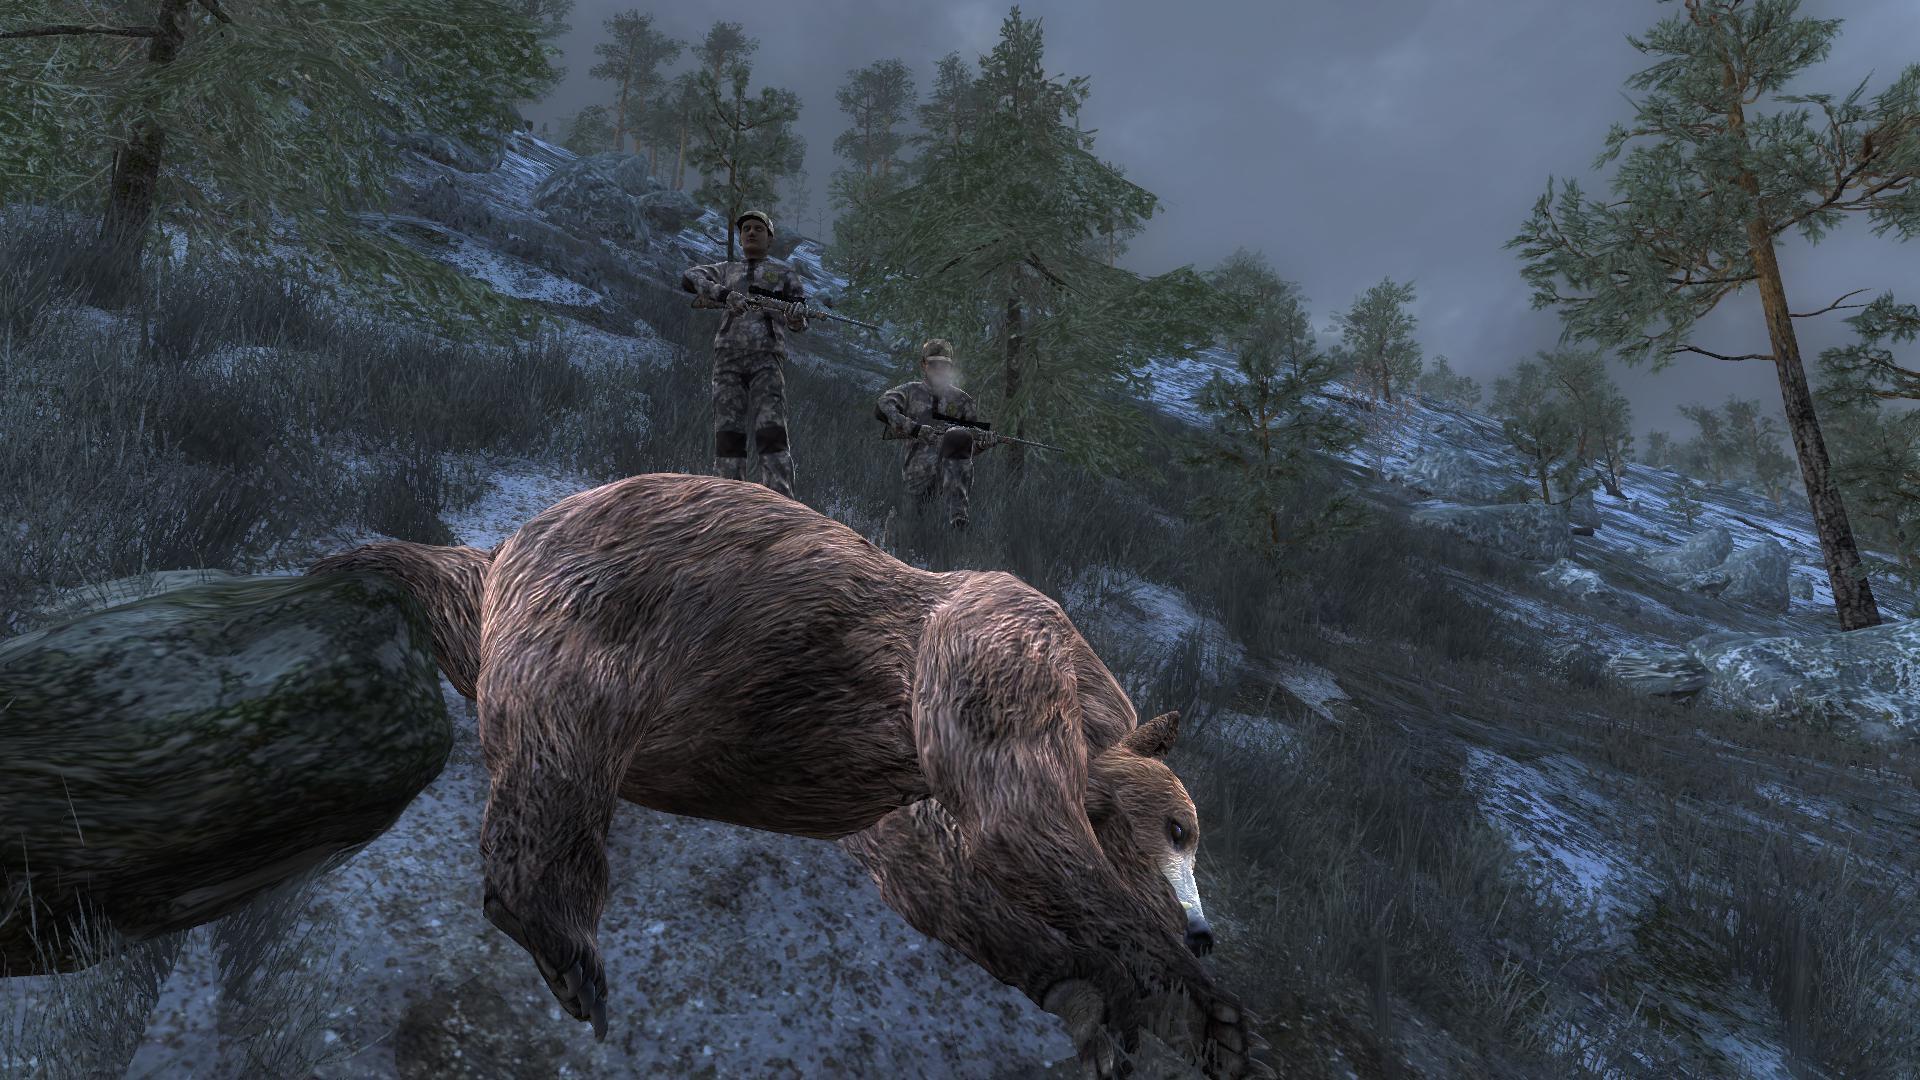 Fotografie in multiplayer con i Nostri AMICI - Pagina 6 5121f8c41d51a730c2ae26e1995552a889999d22